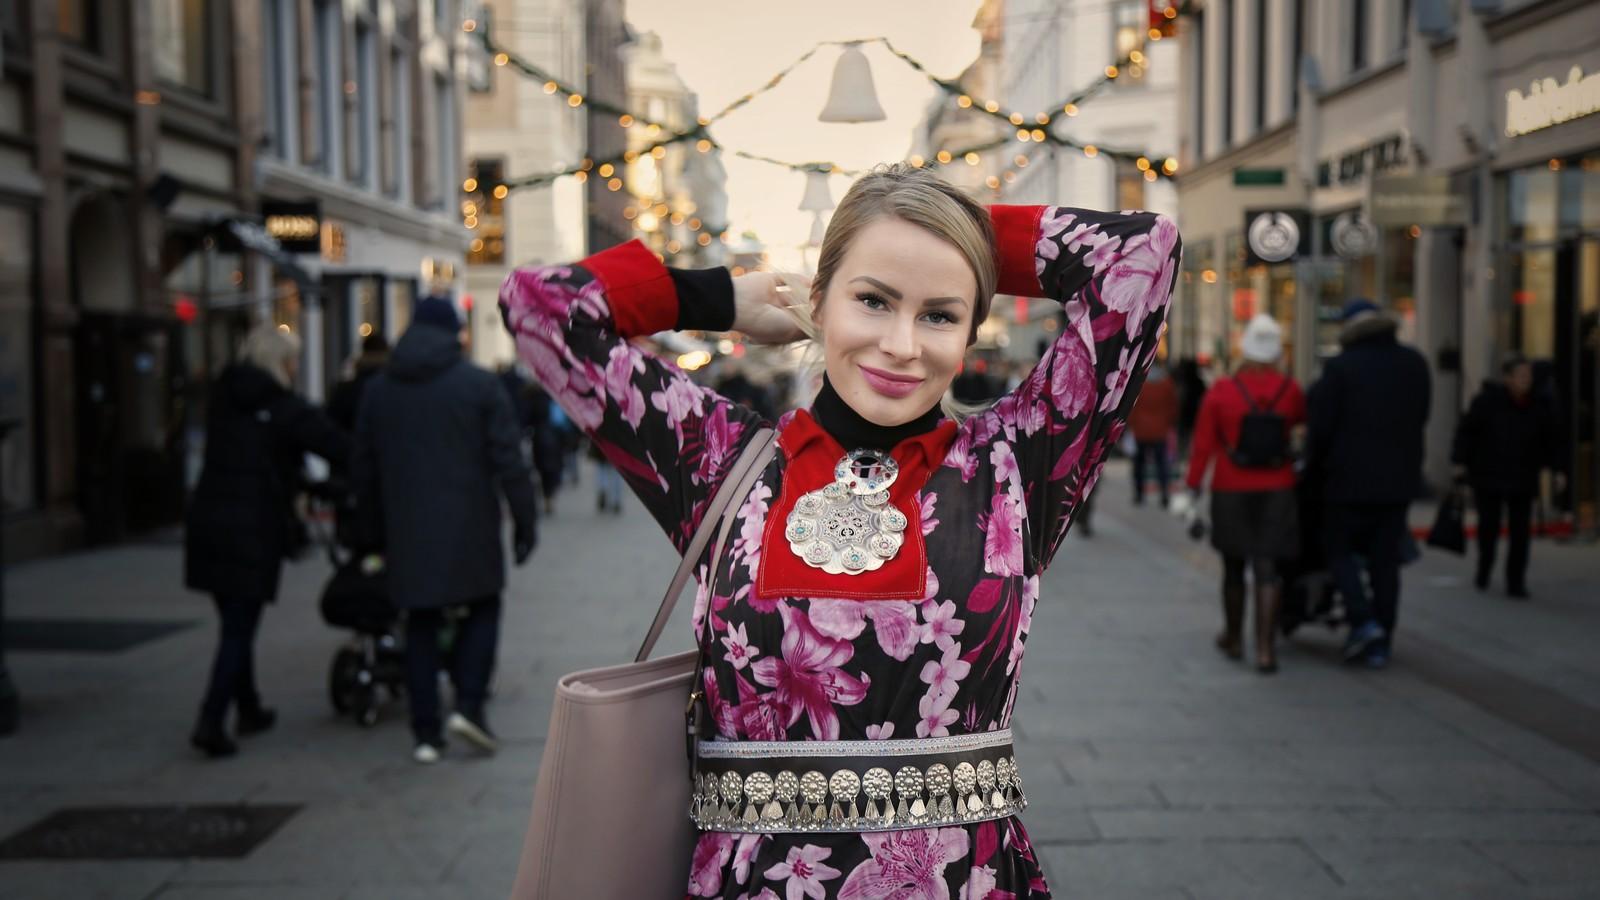 Halvnært bilde av en ung kvinne i samedrakt midt på Karl Johans gate i Oslo. Kvinnen smiler og løfter hendene opp bak nakken for å holde håret på plass. Kvinnen smiler. Hun har en blomstrete kofte på seg, sølvbete og to søljer og en gammelrosa Michael Kors veske over skulderen.